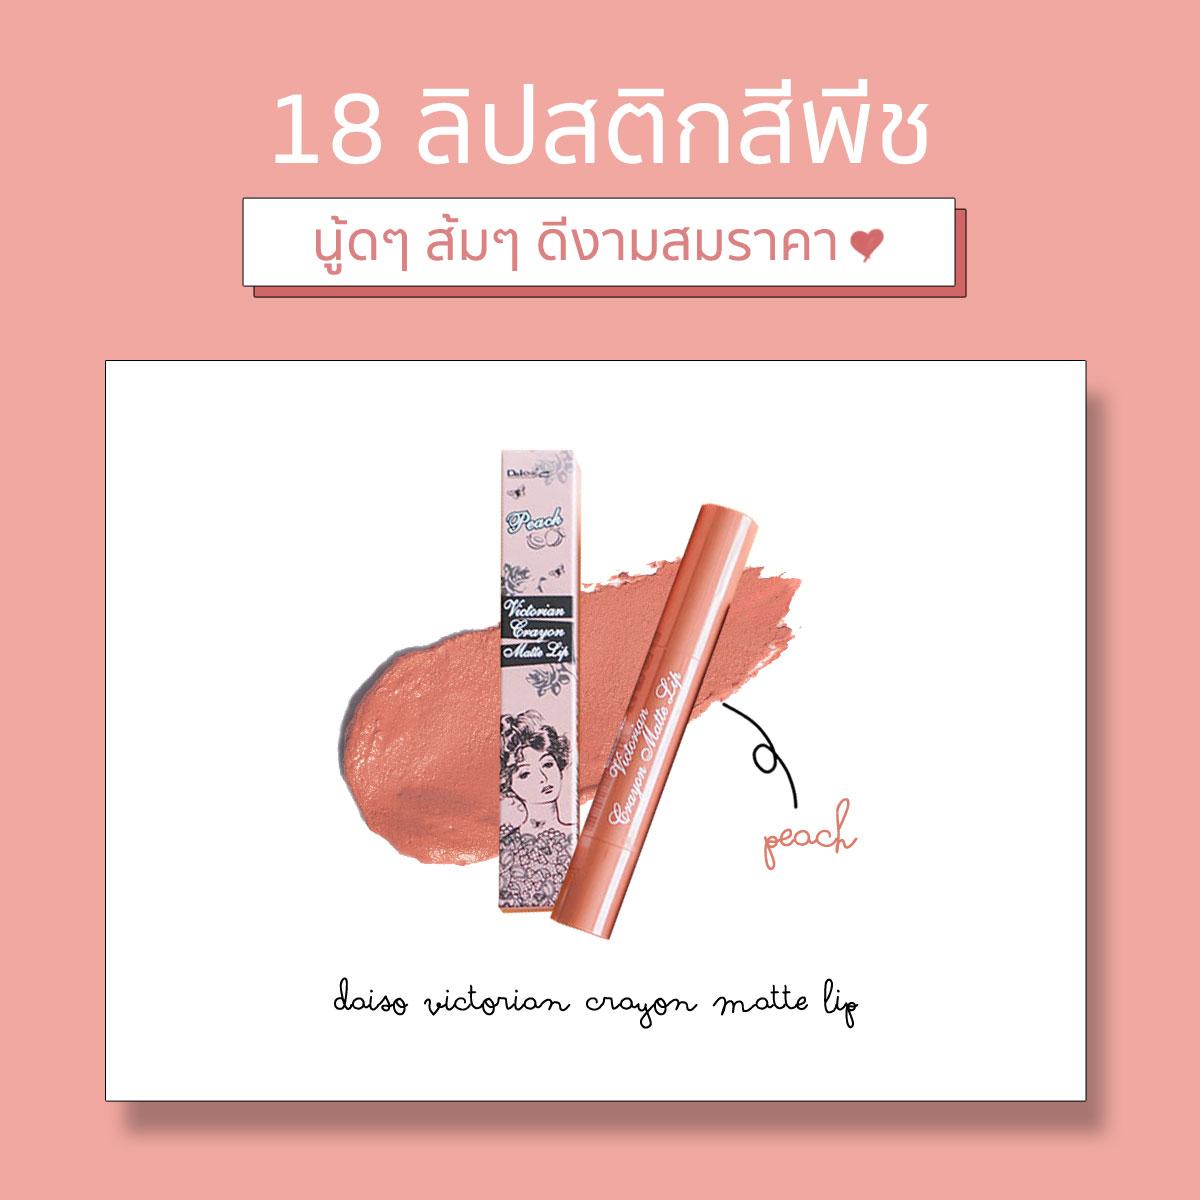 18 ลิปสติกสีพีช นู้ดๆ ส้มๆ ดีงามสมราคา ต้องไปหาซื้อให้ไว!